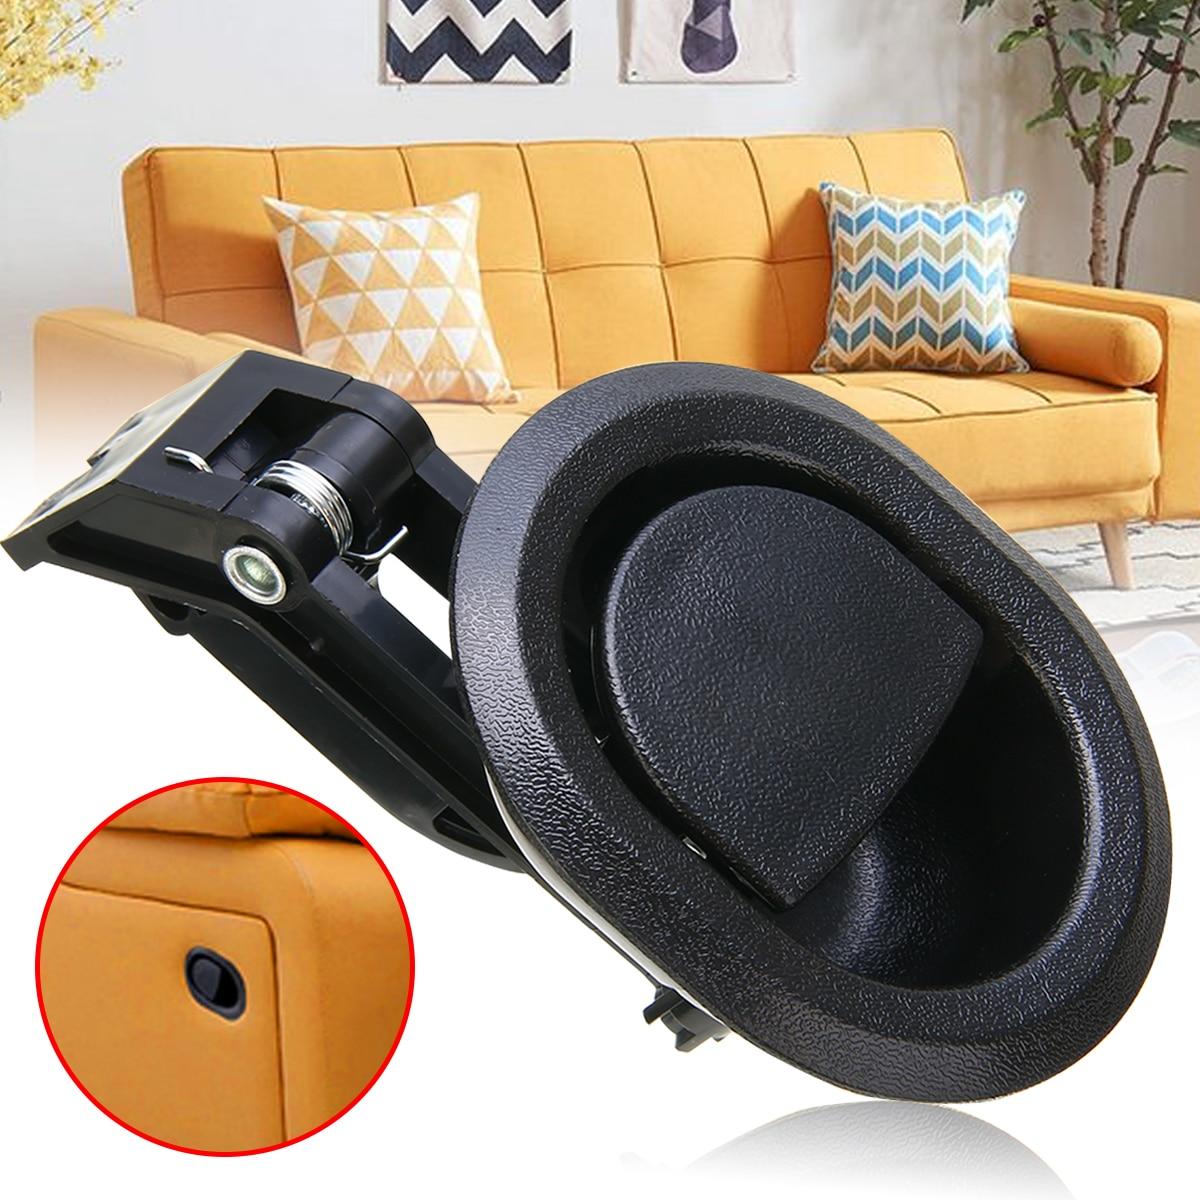 Liberação de sofá de plástico alavanca substituição sofá cadeira reclinável liberação puxar alça parte mais cabo final se encaixa funiture acessório